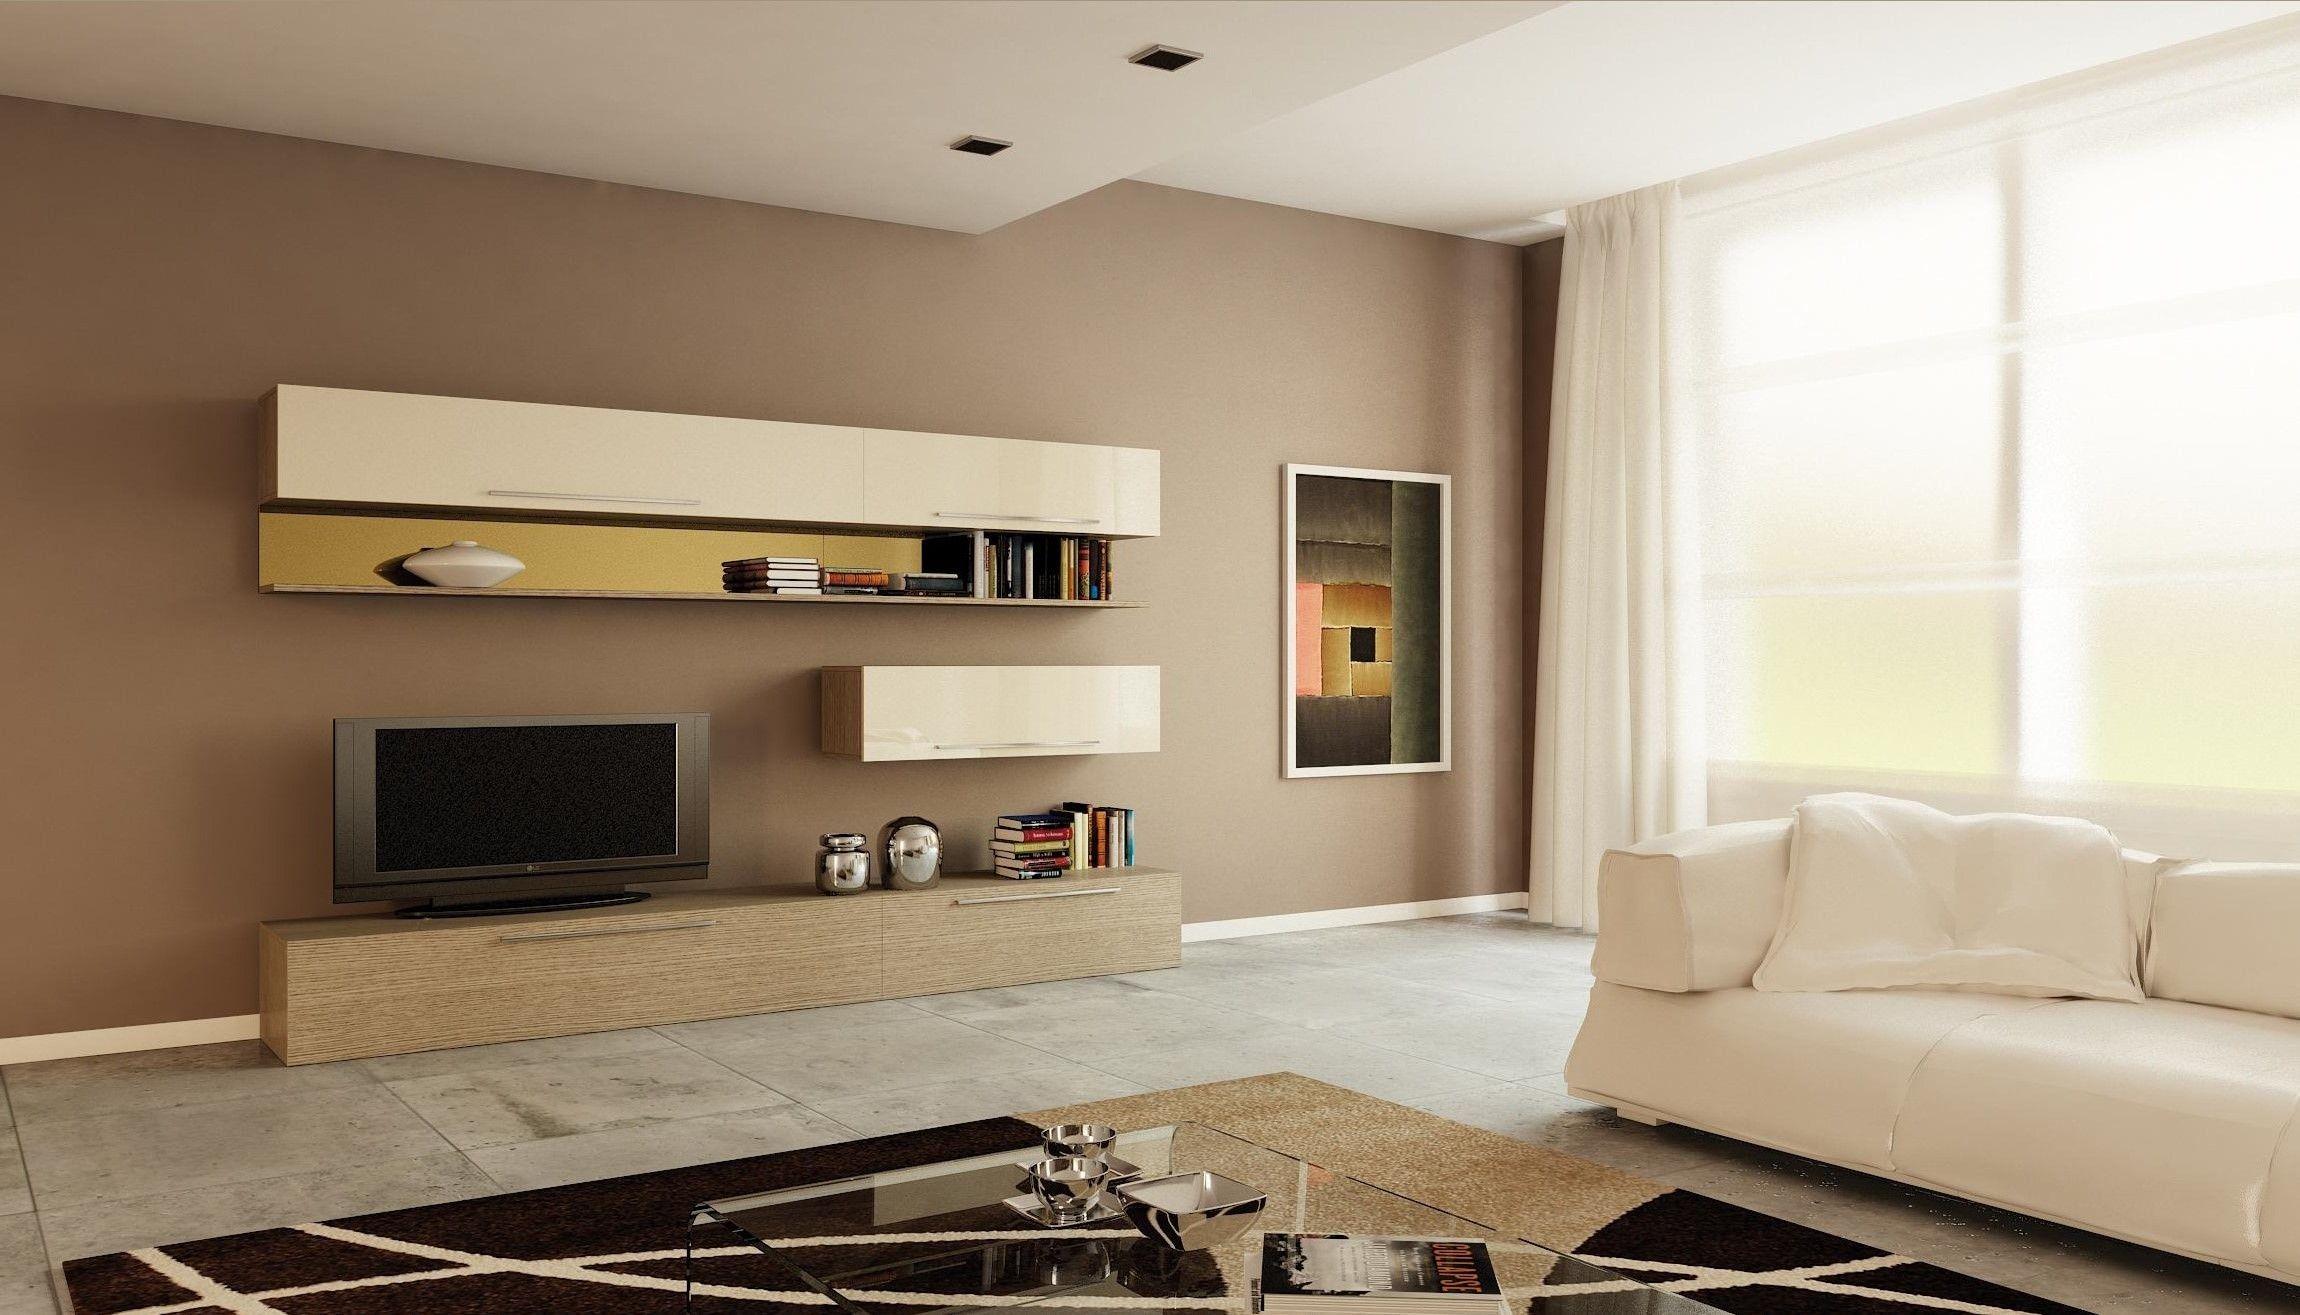 Idee colori per il soggiorno | Style at home - Indoor | Pinterest